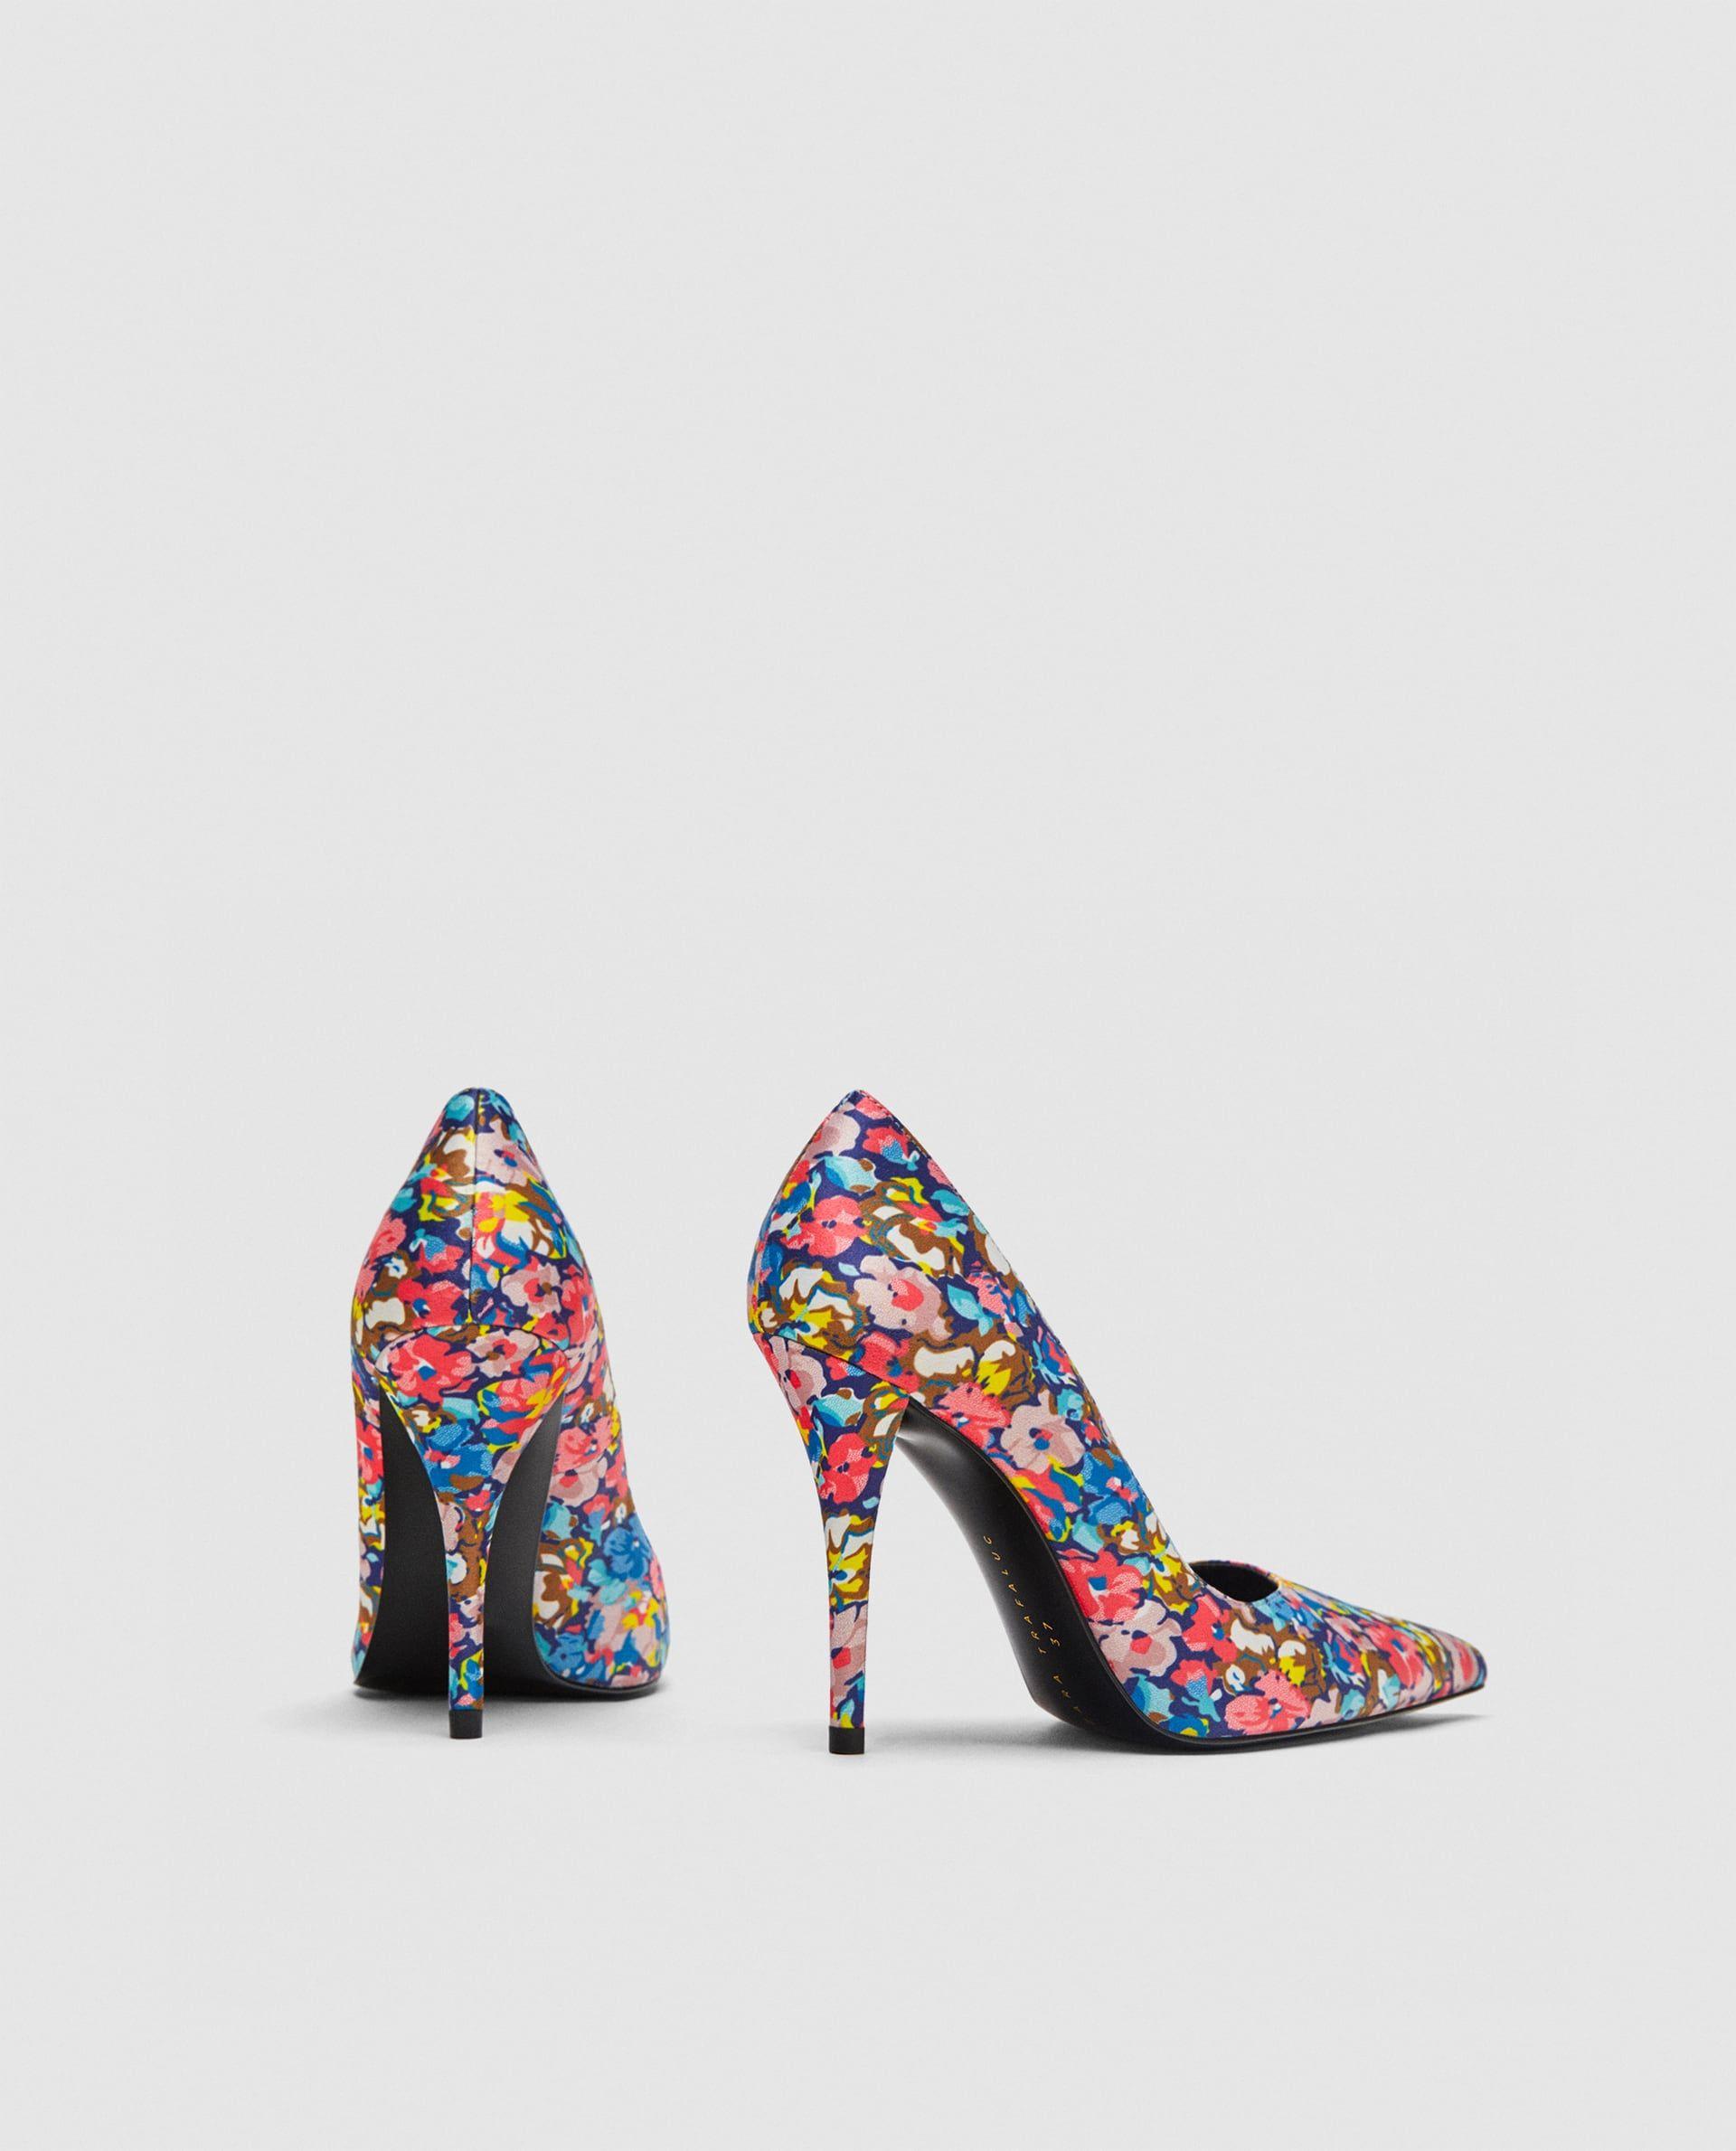 18712d9133c Zara floral printed heels